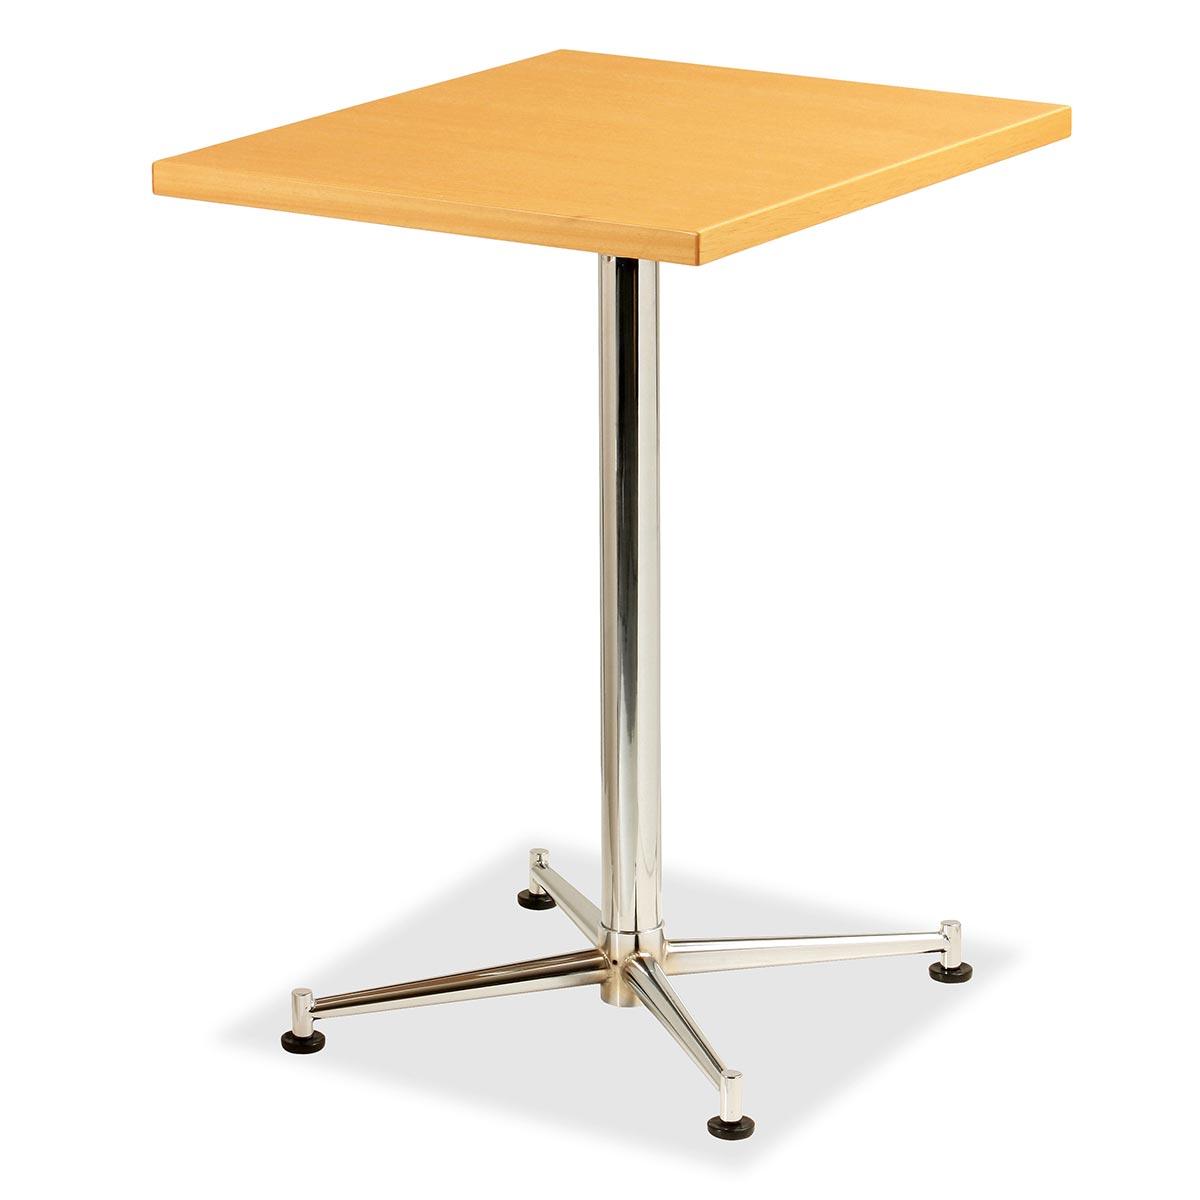 テラモト テーブル KBT-6050M NA ナチュラル OT-630-005-0